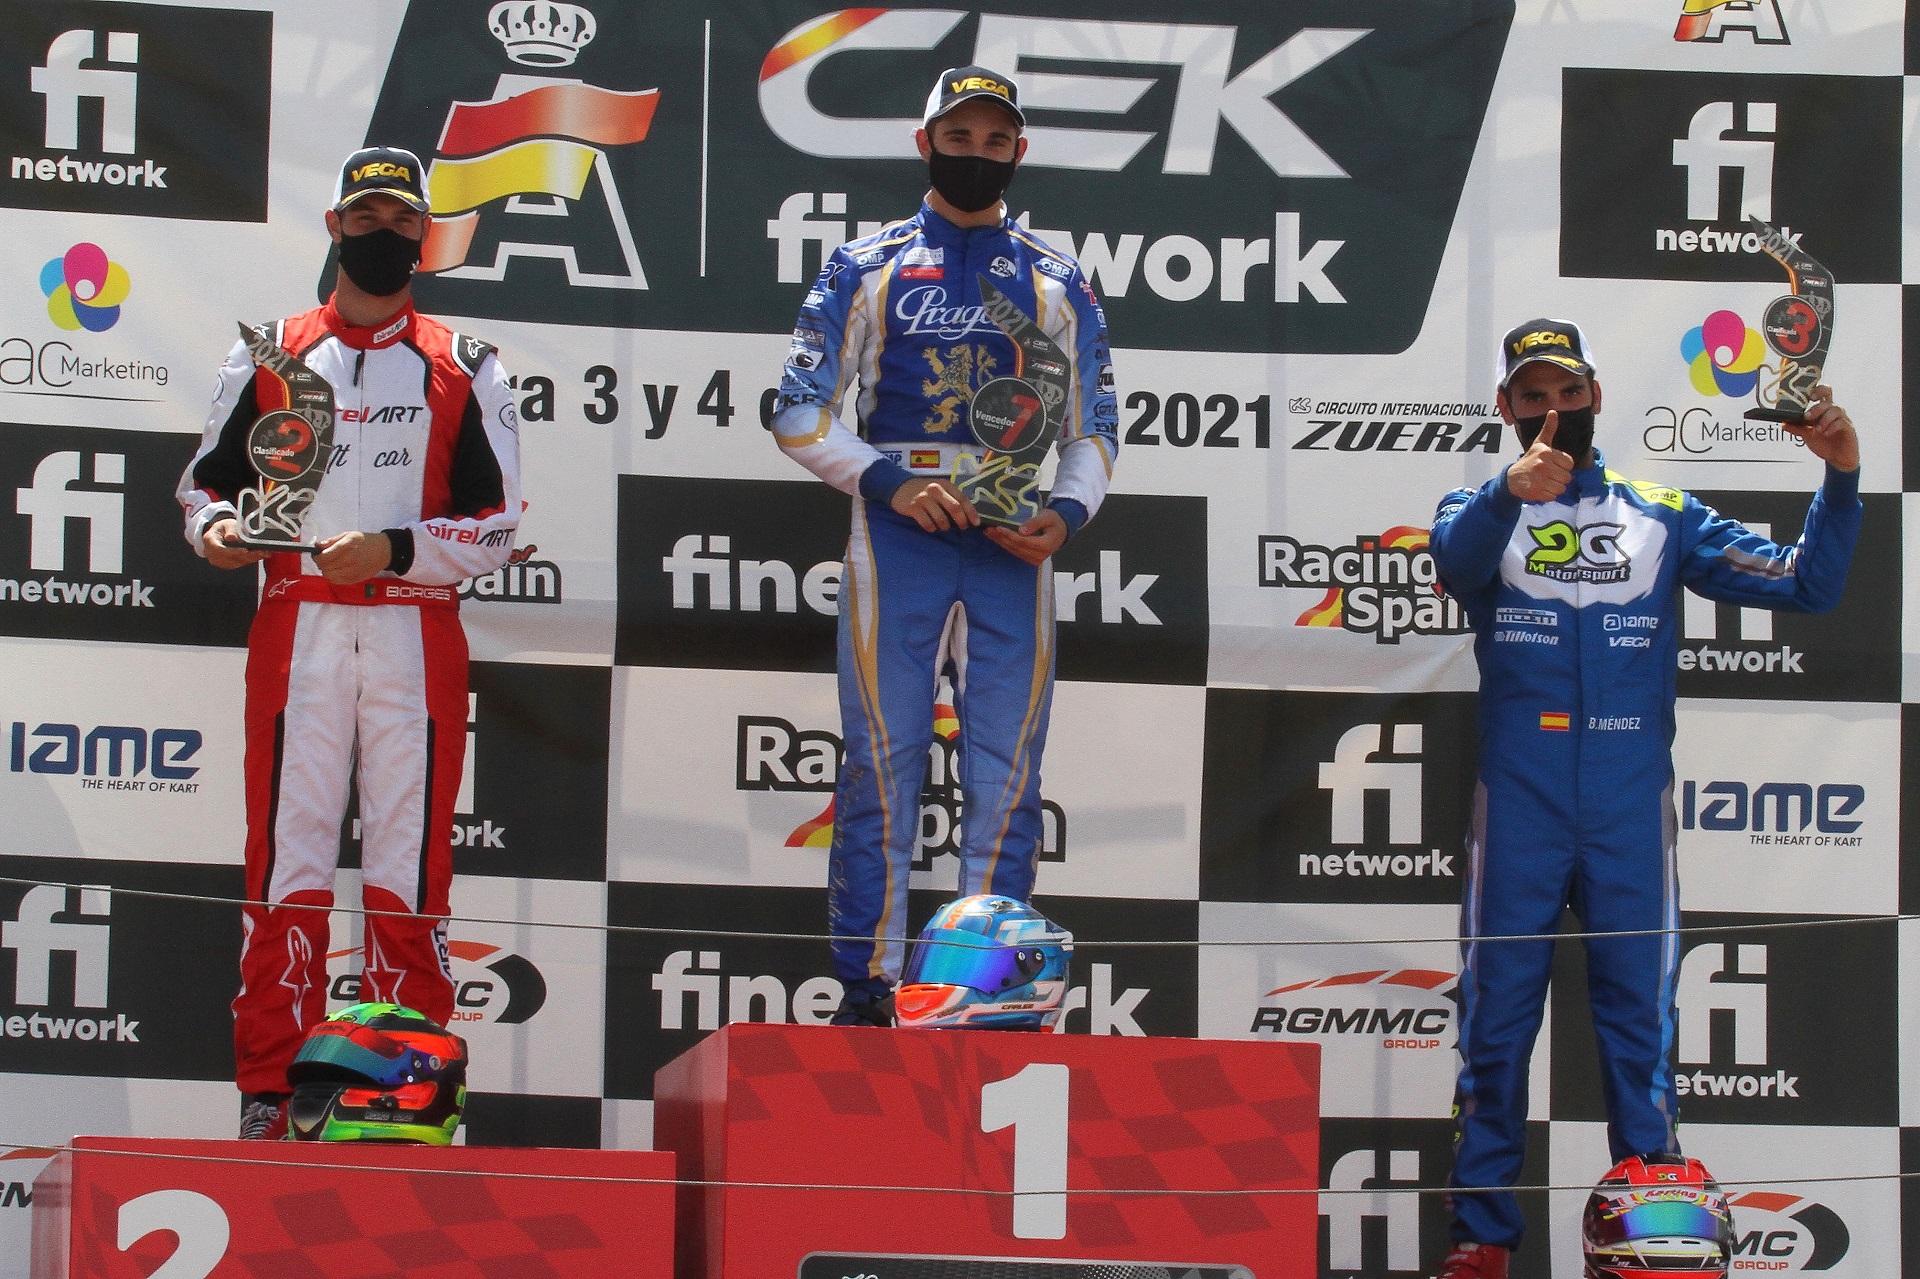 Ricardo Borges estreia-se na KZ e garante no pódio no Campeonato de Espanha